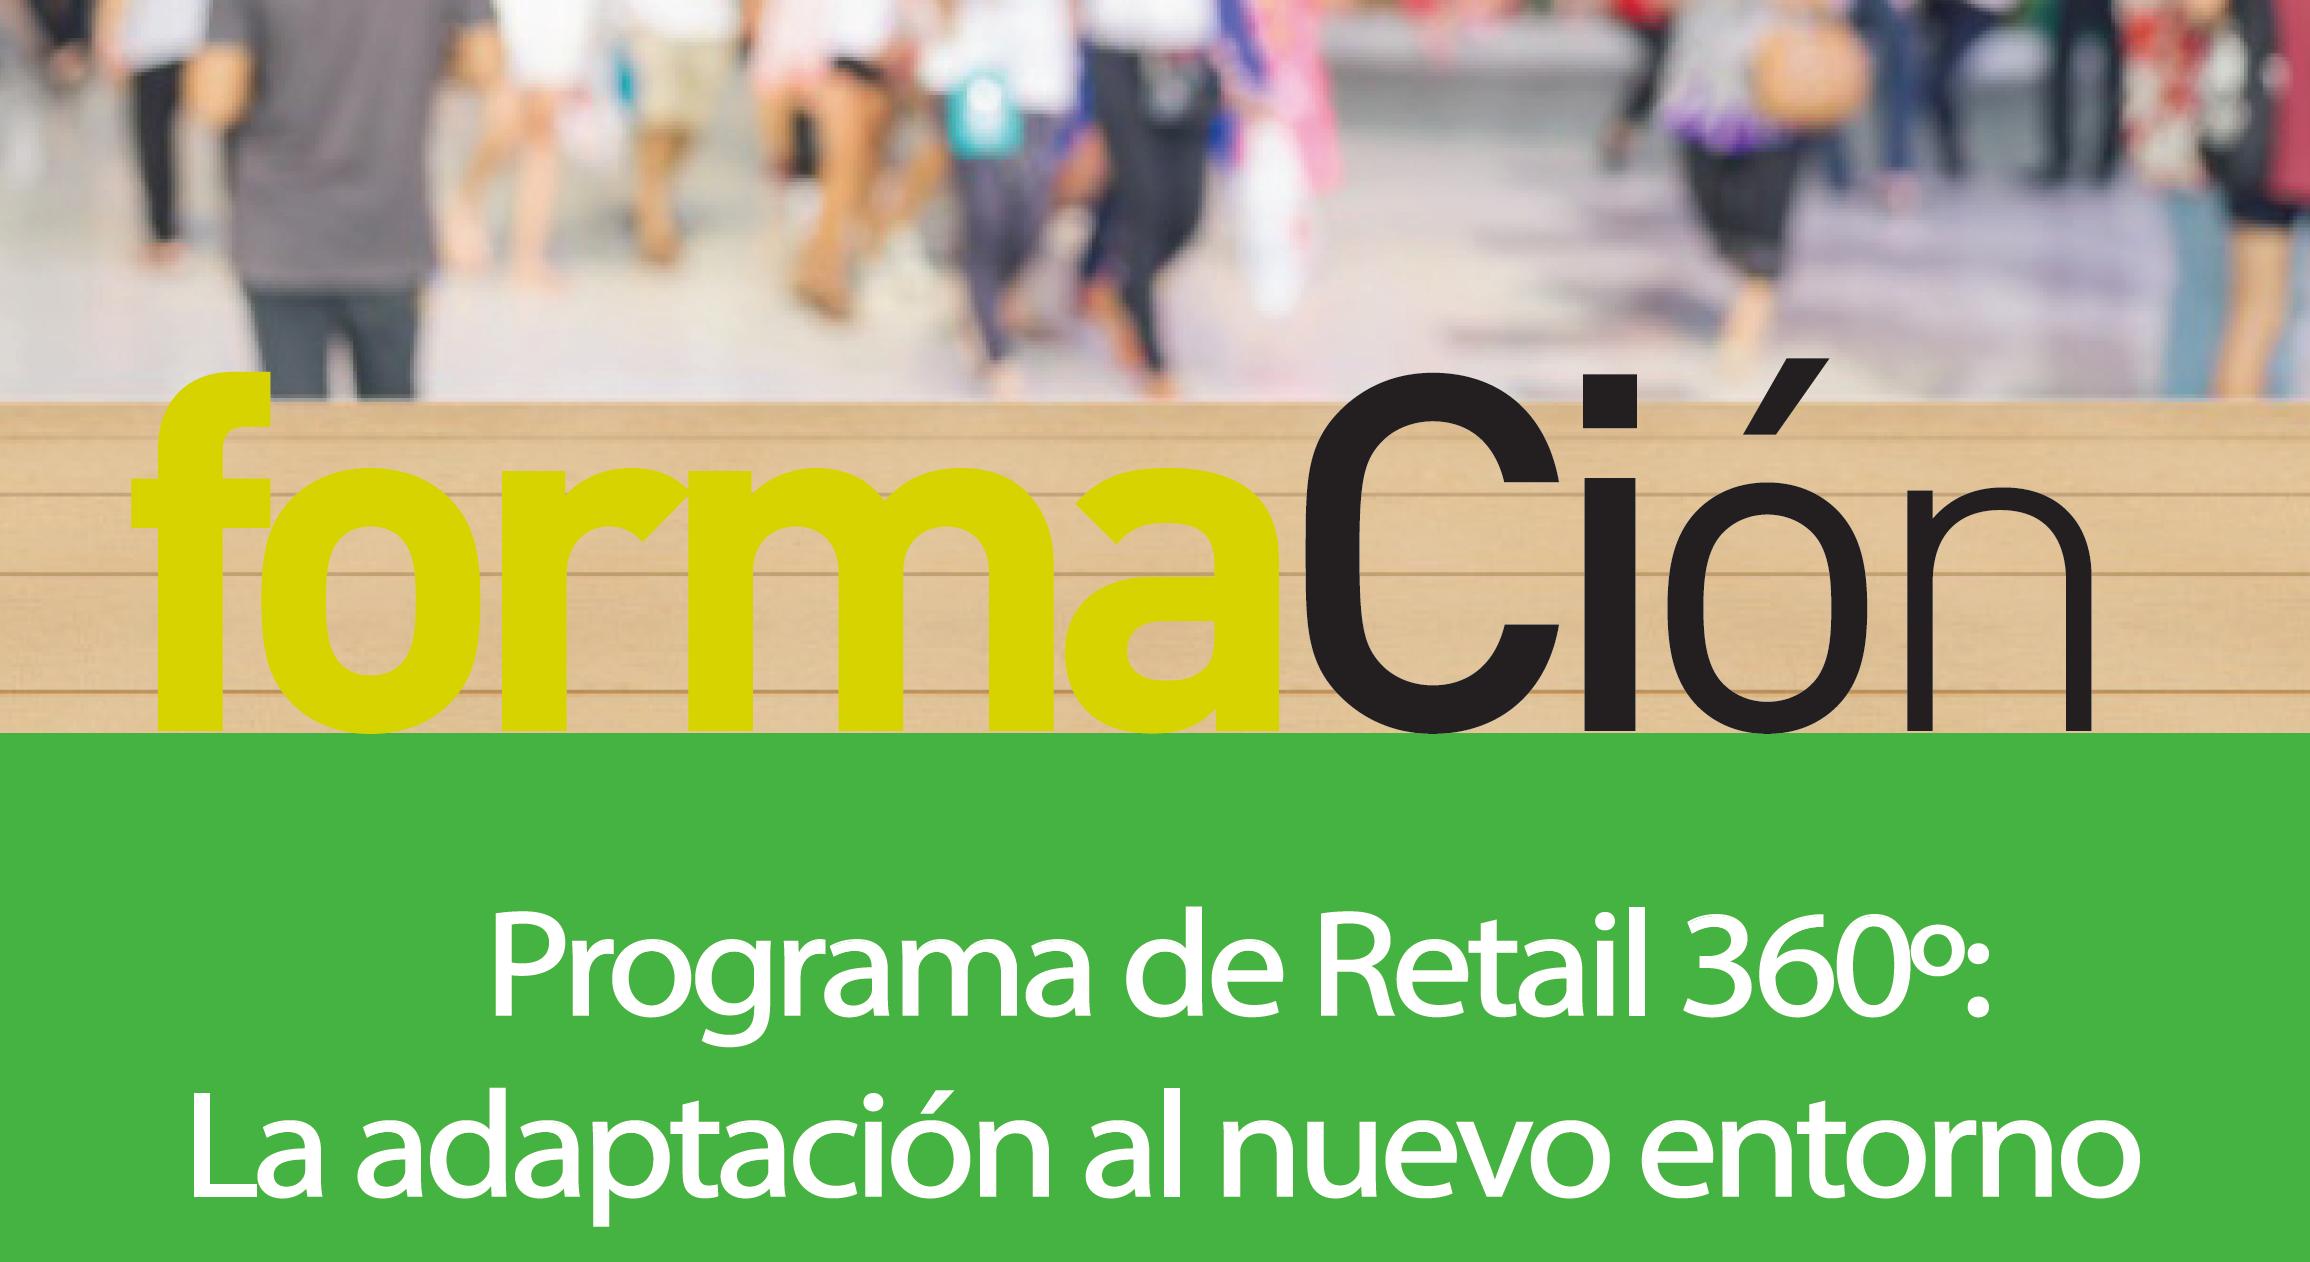 Retail 360º